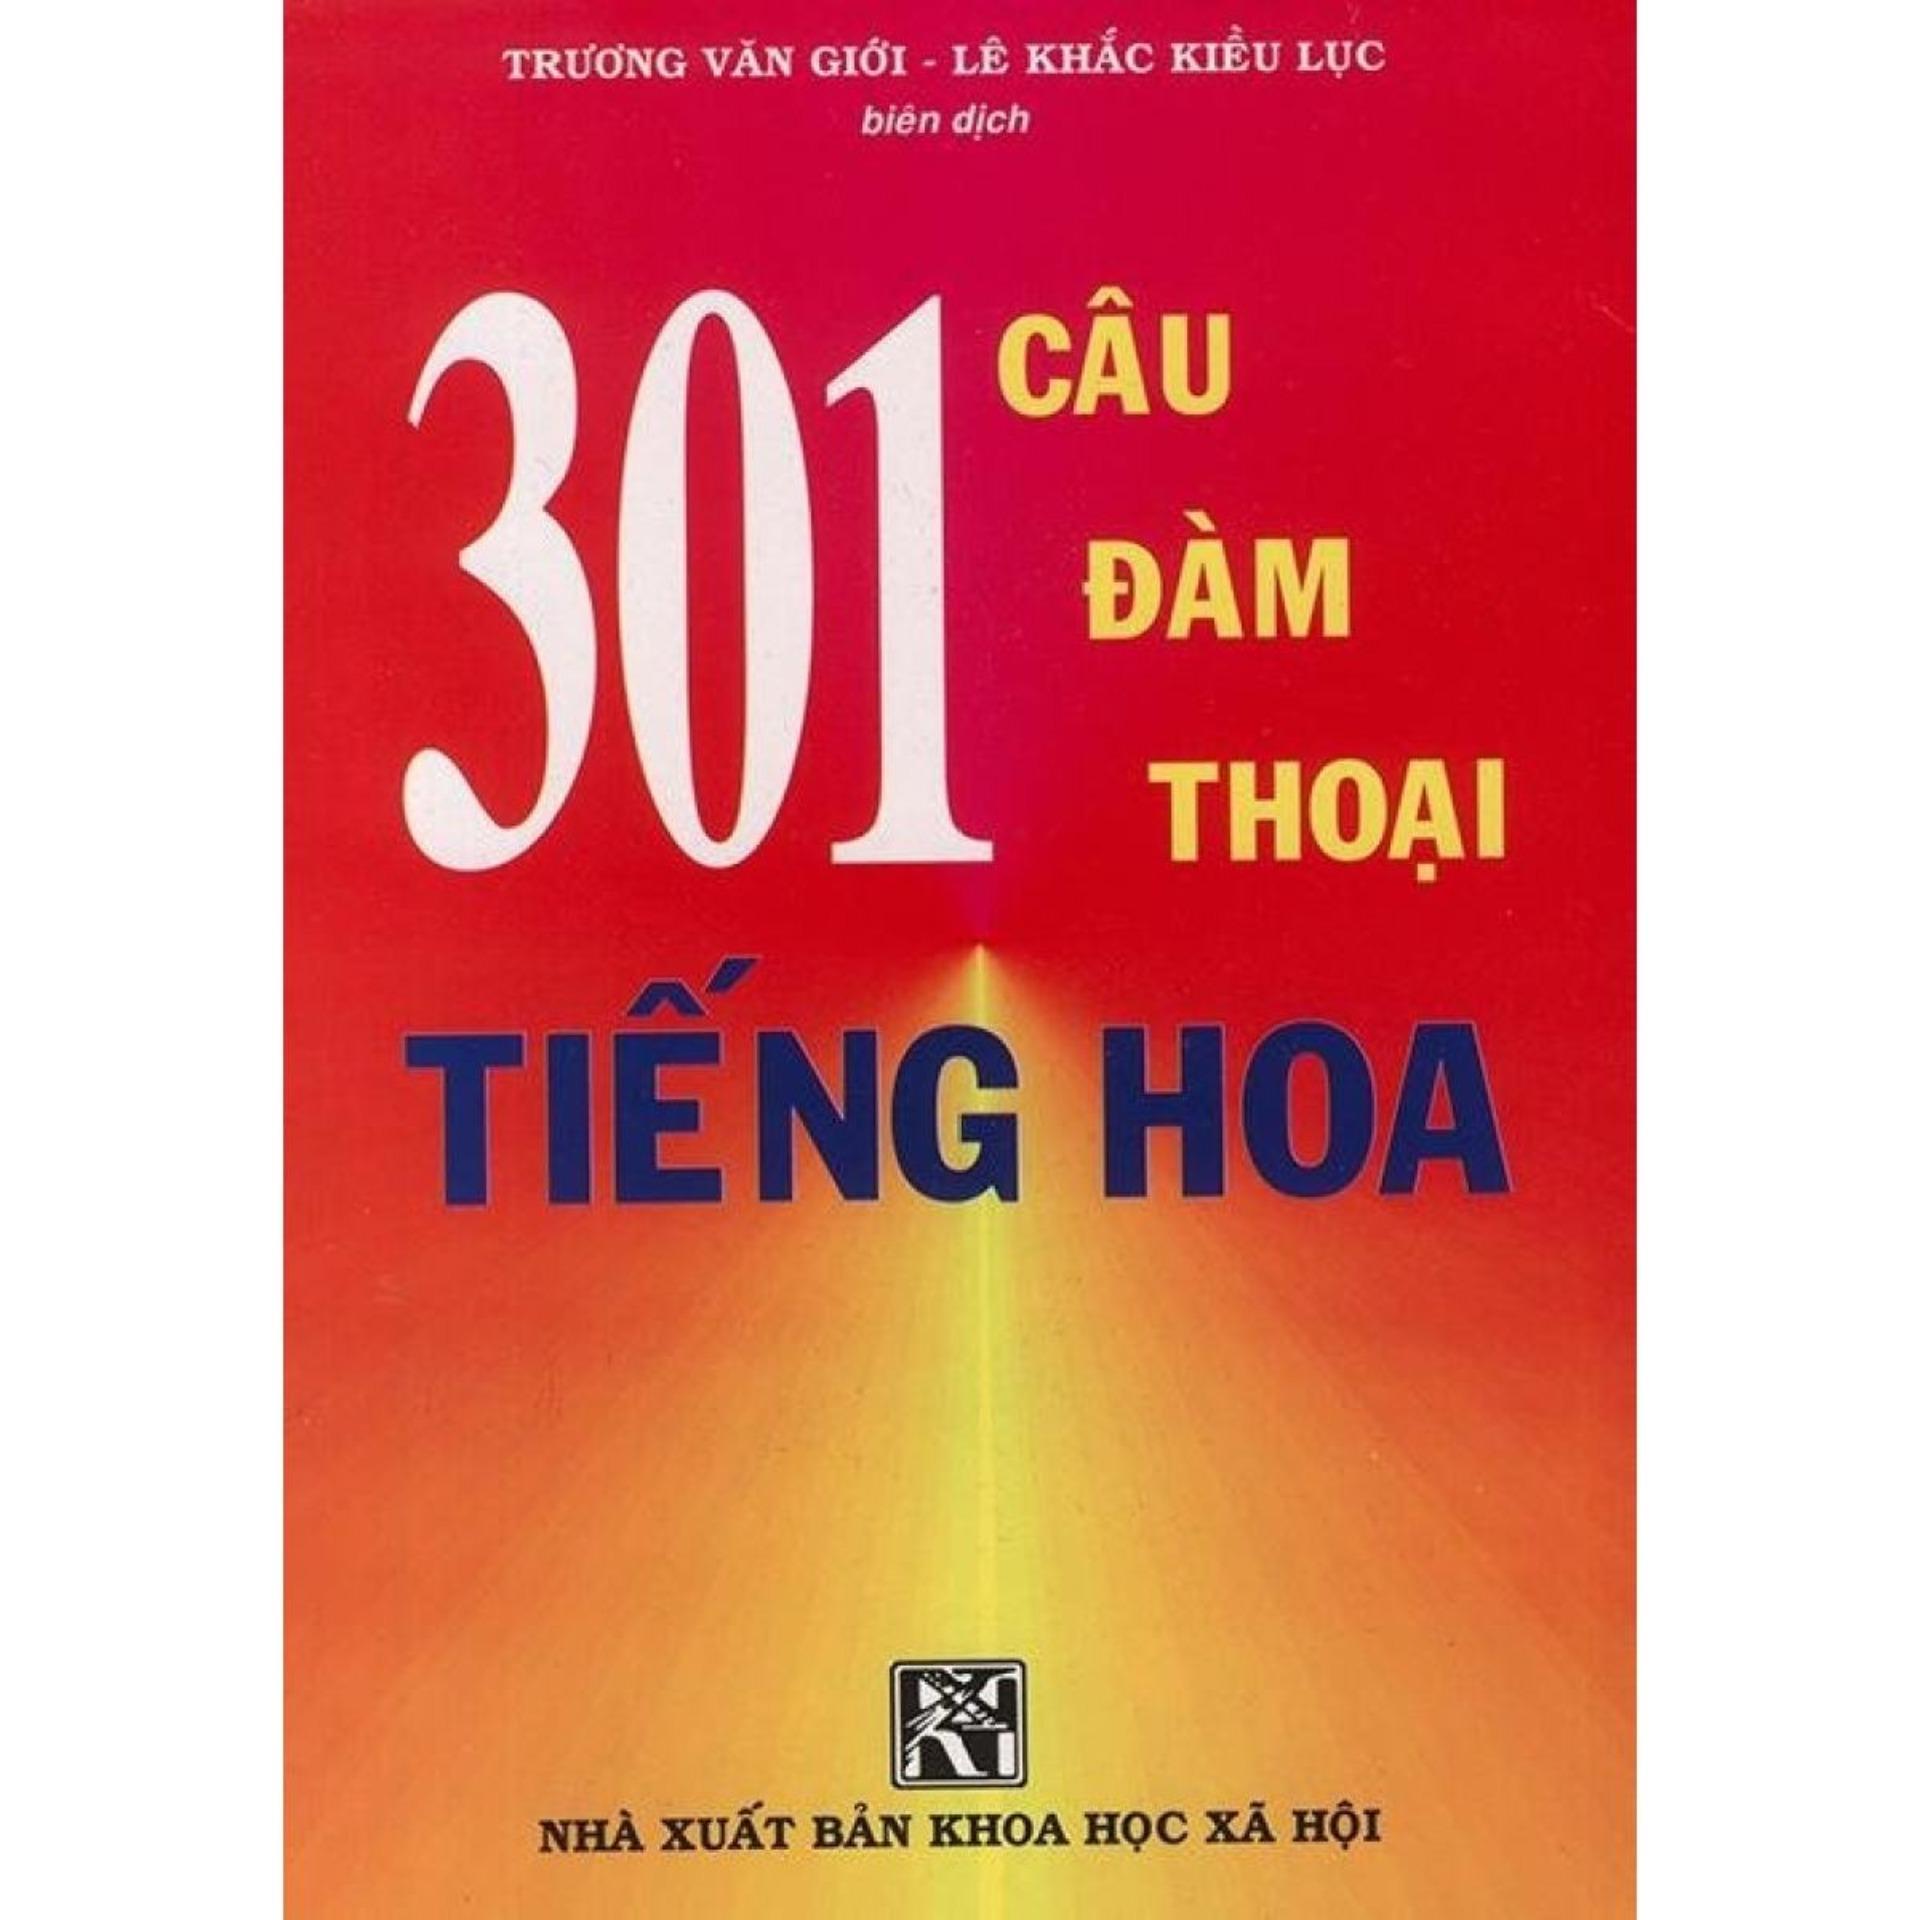 Không Nên Bỏ Lỡ Giá Sốc với 301 Câu đàm Thoại Tiếng Hoa Tập 1